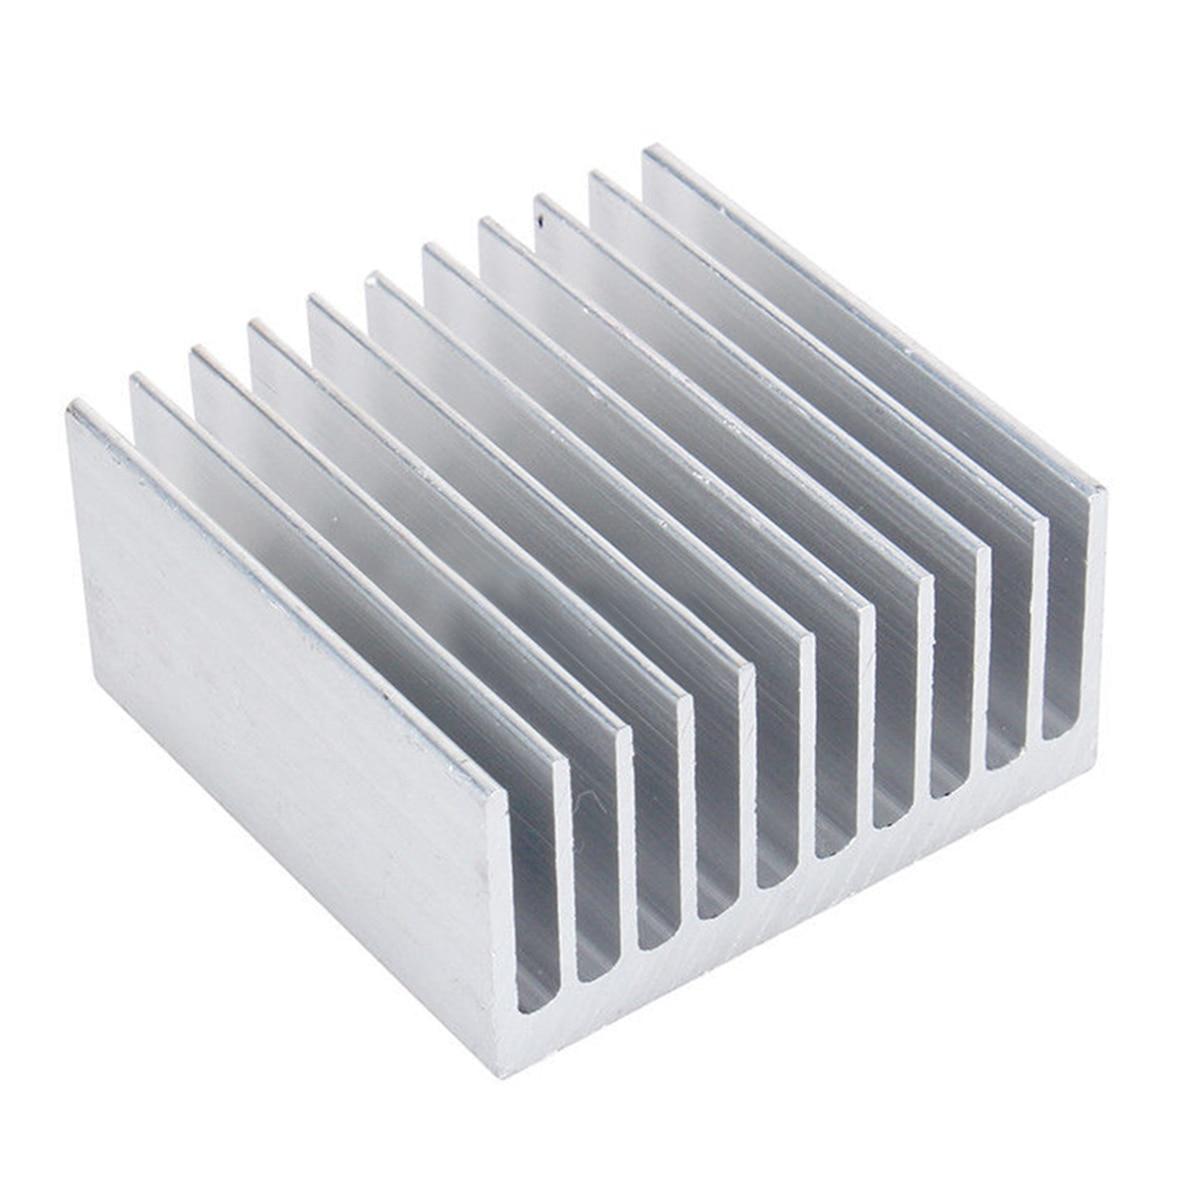 1 peça Branca 11 Dente de Alumínio Dissipação de Calor do Dissipador Dissipador de Calor Do Radiador Refrigerador Eletrônico 4 cm * cm * 2 4 cm Mayitr